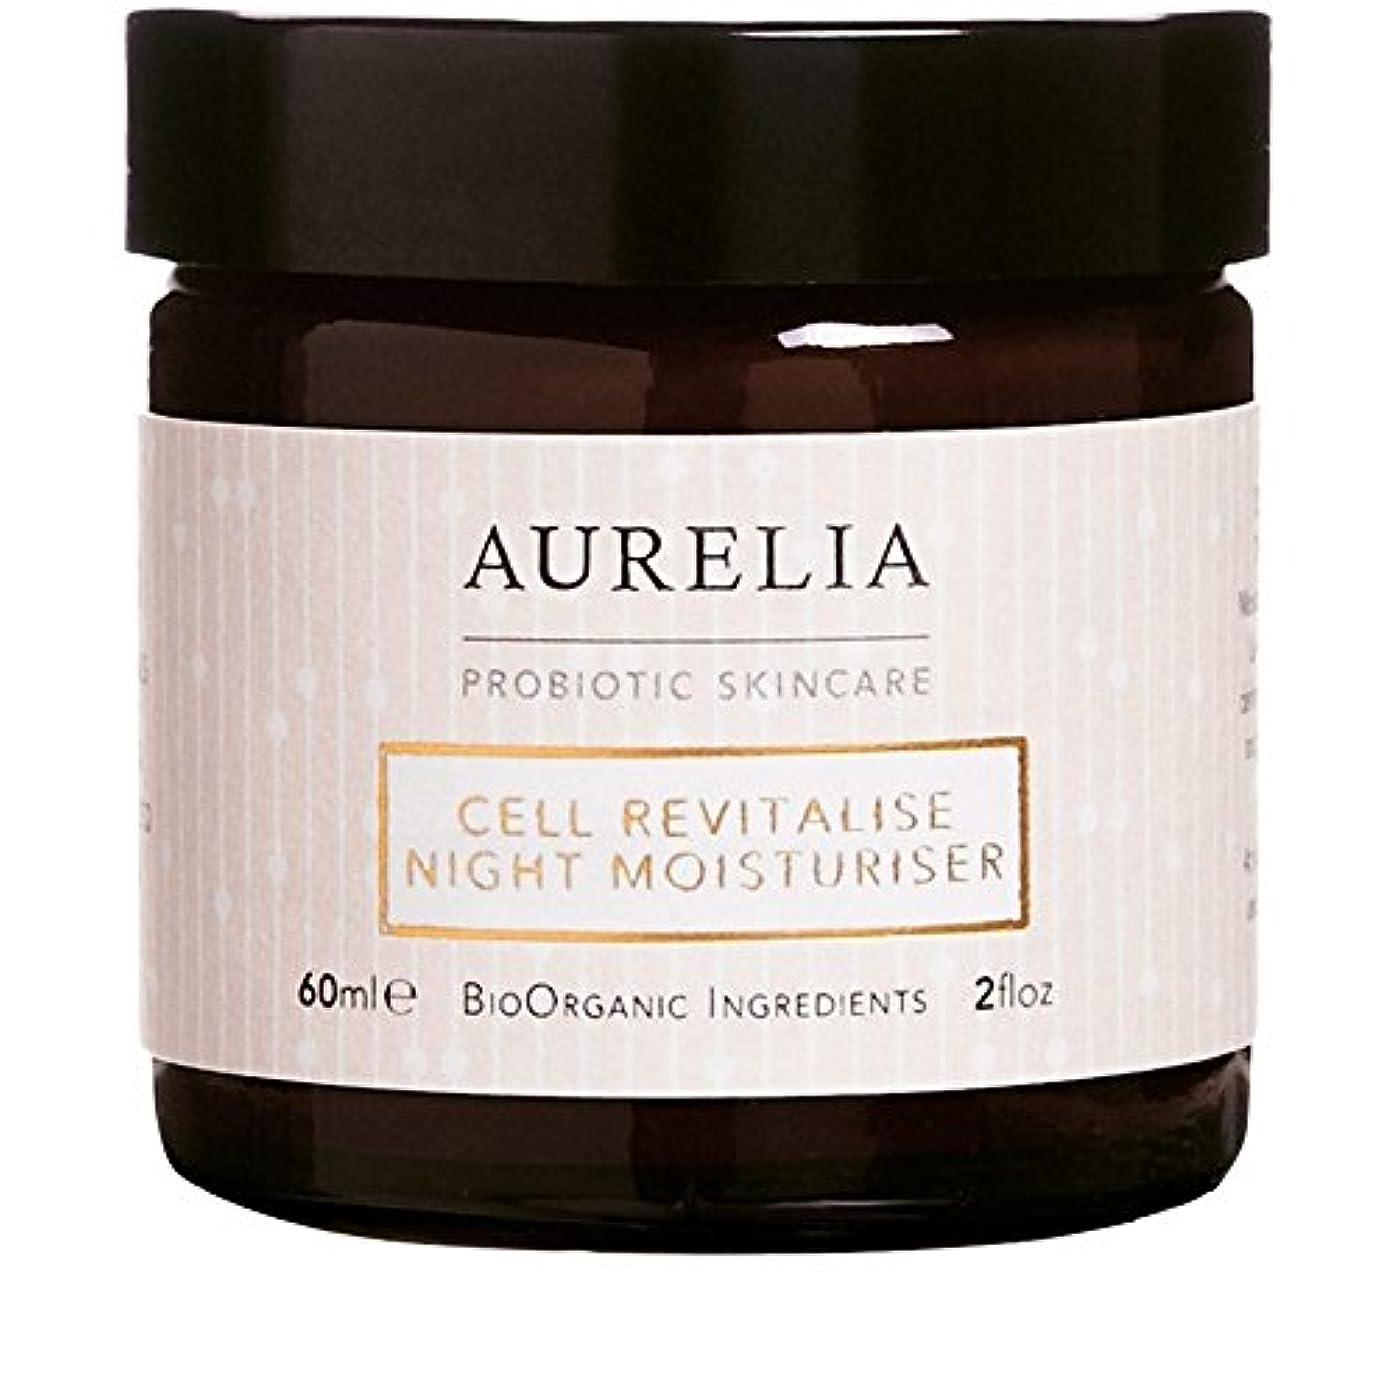 [Aurelia Probiotic Skincare ] アウレリアプロバイオティクススキンケア細胞は、夜の保湿60ミリリットルを活性化 - Aurelia Probiotic Skincare Cell Revitalise...